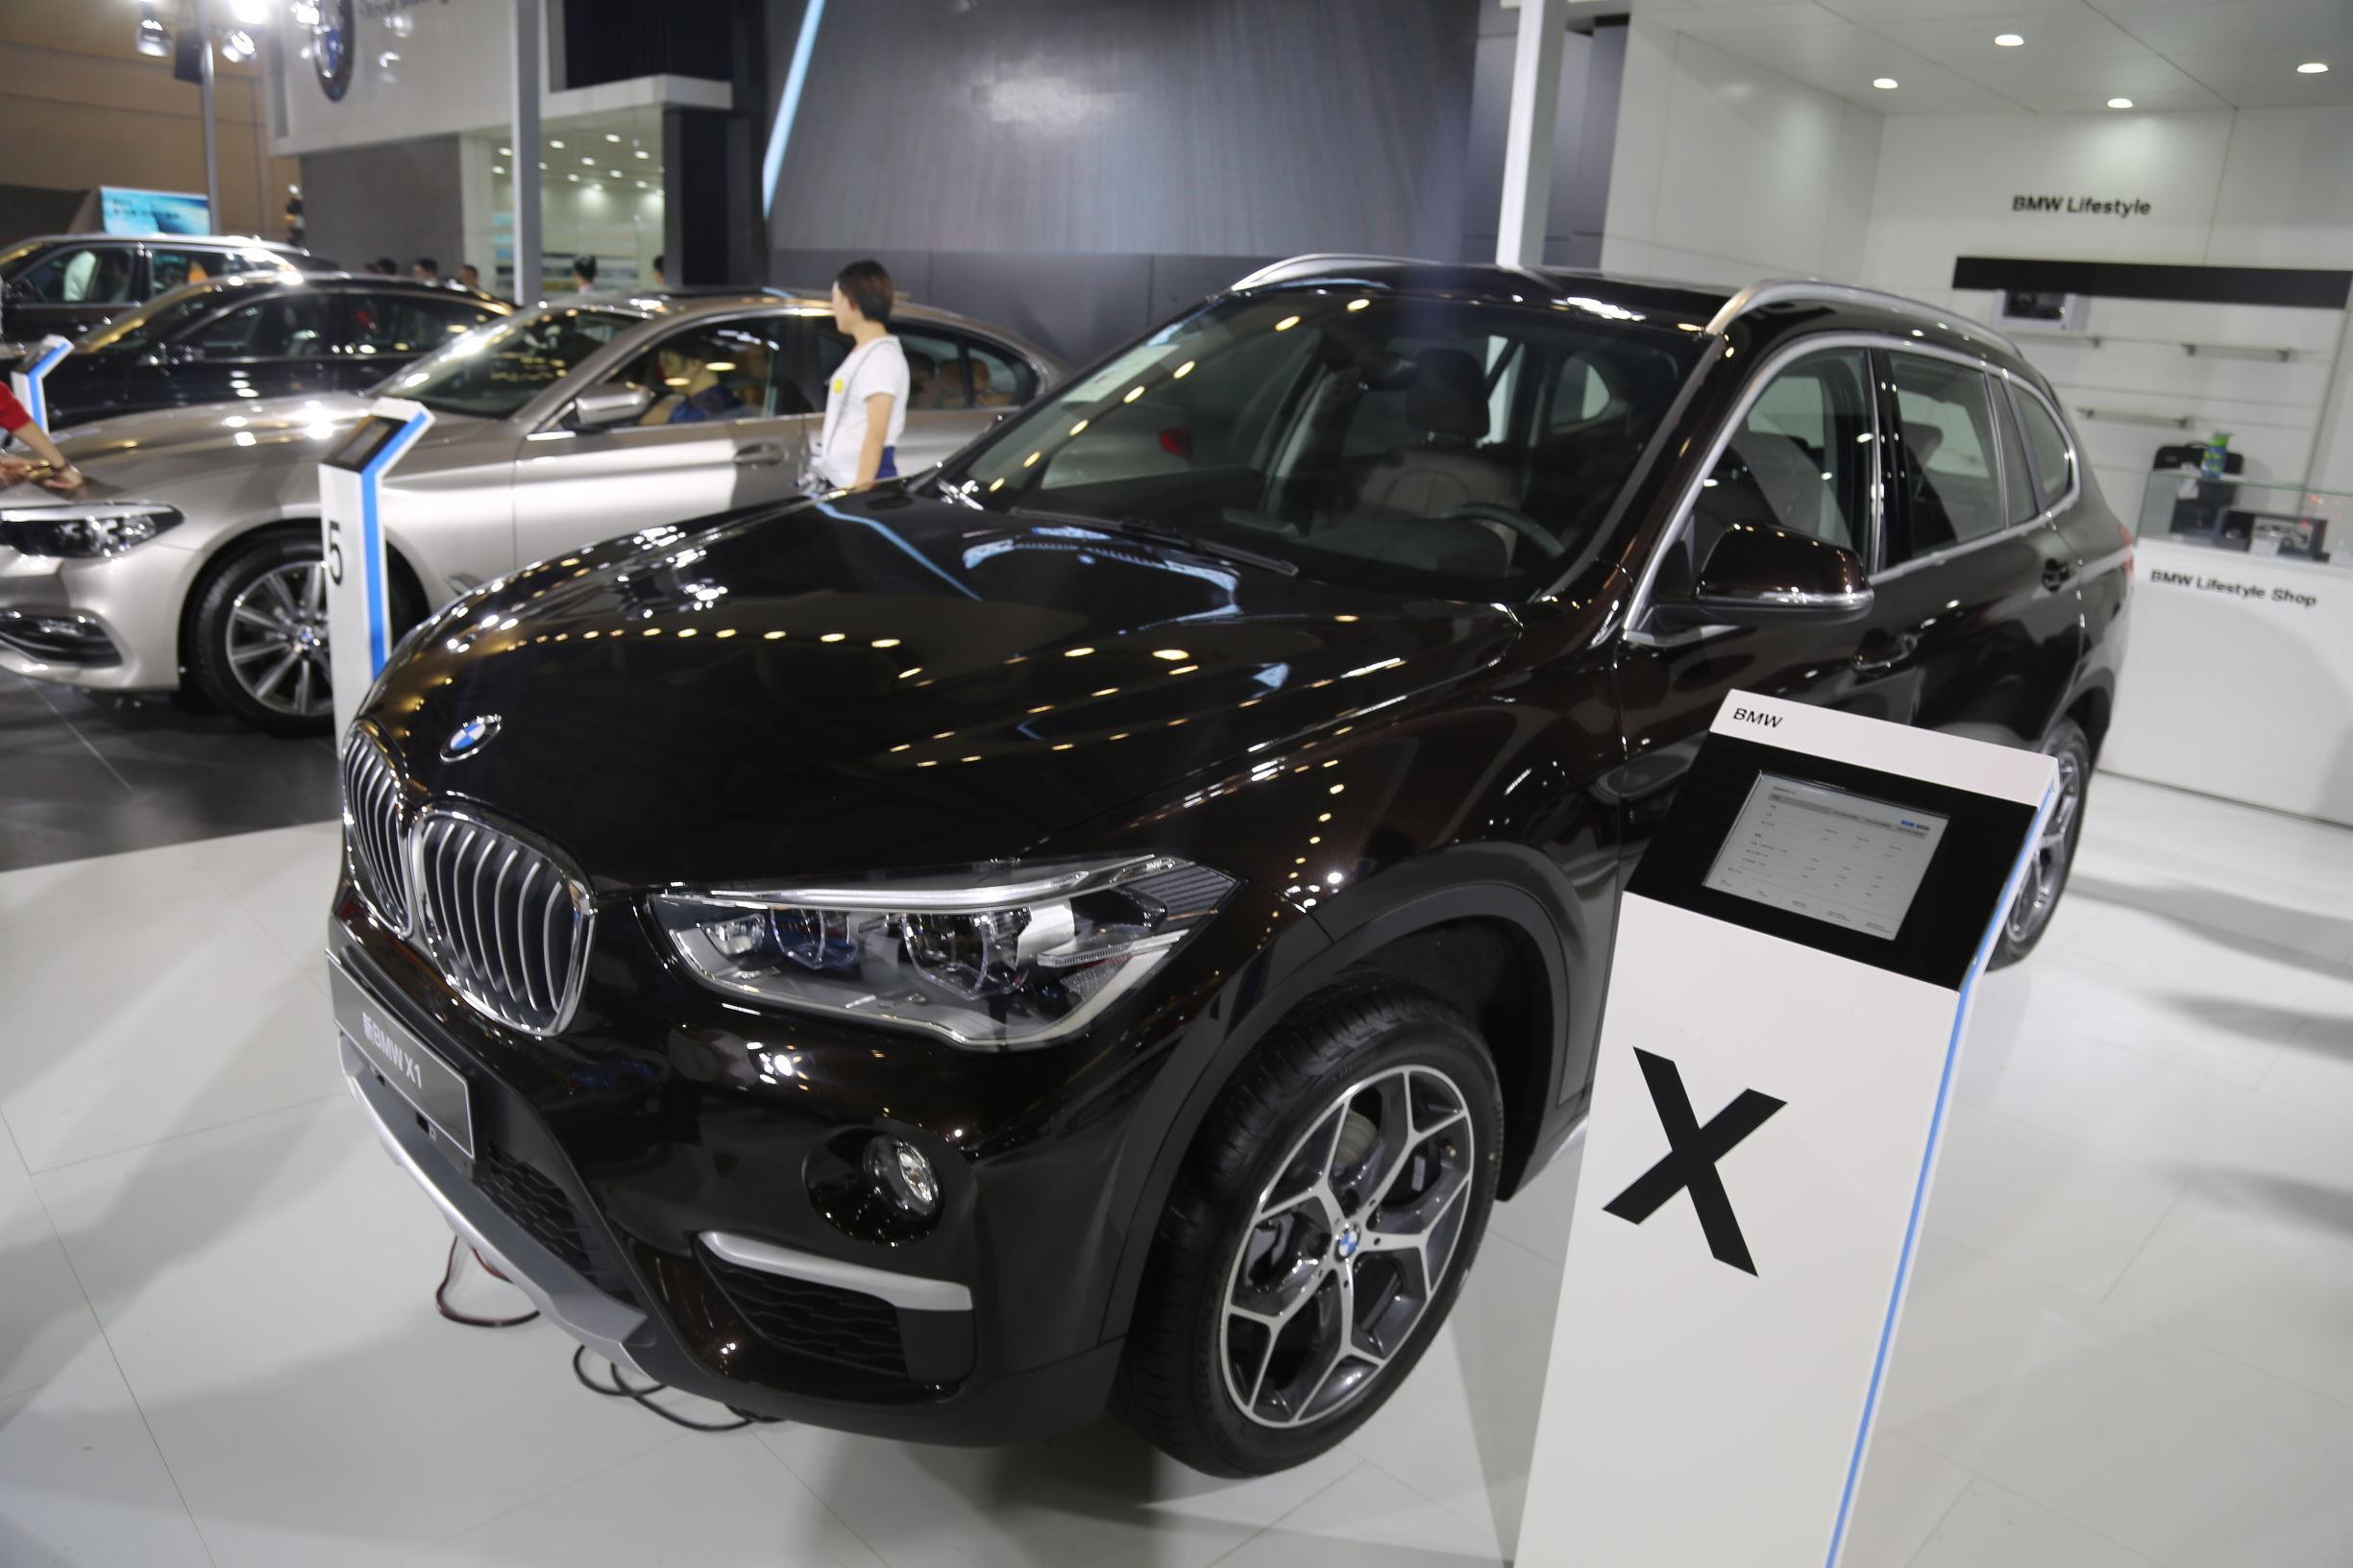 豪华SUV宝马X1最新报价 全系优惠赶紧入手吧